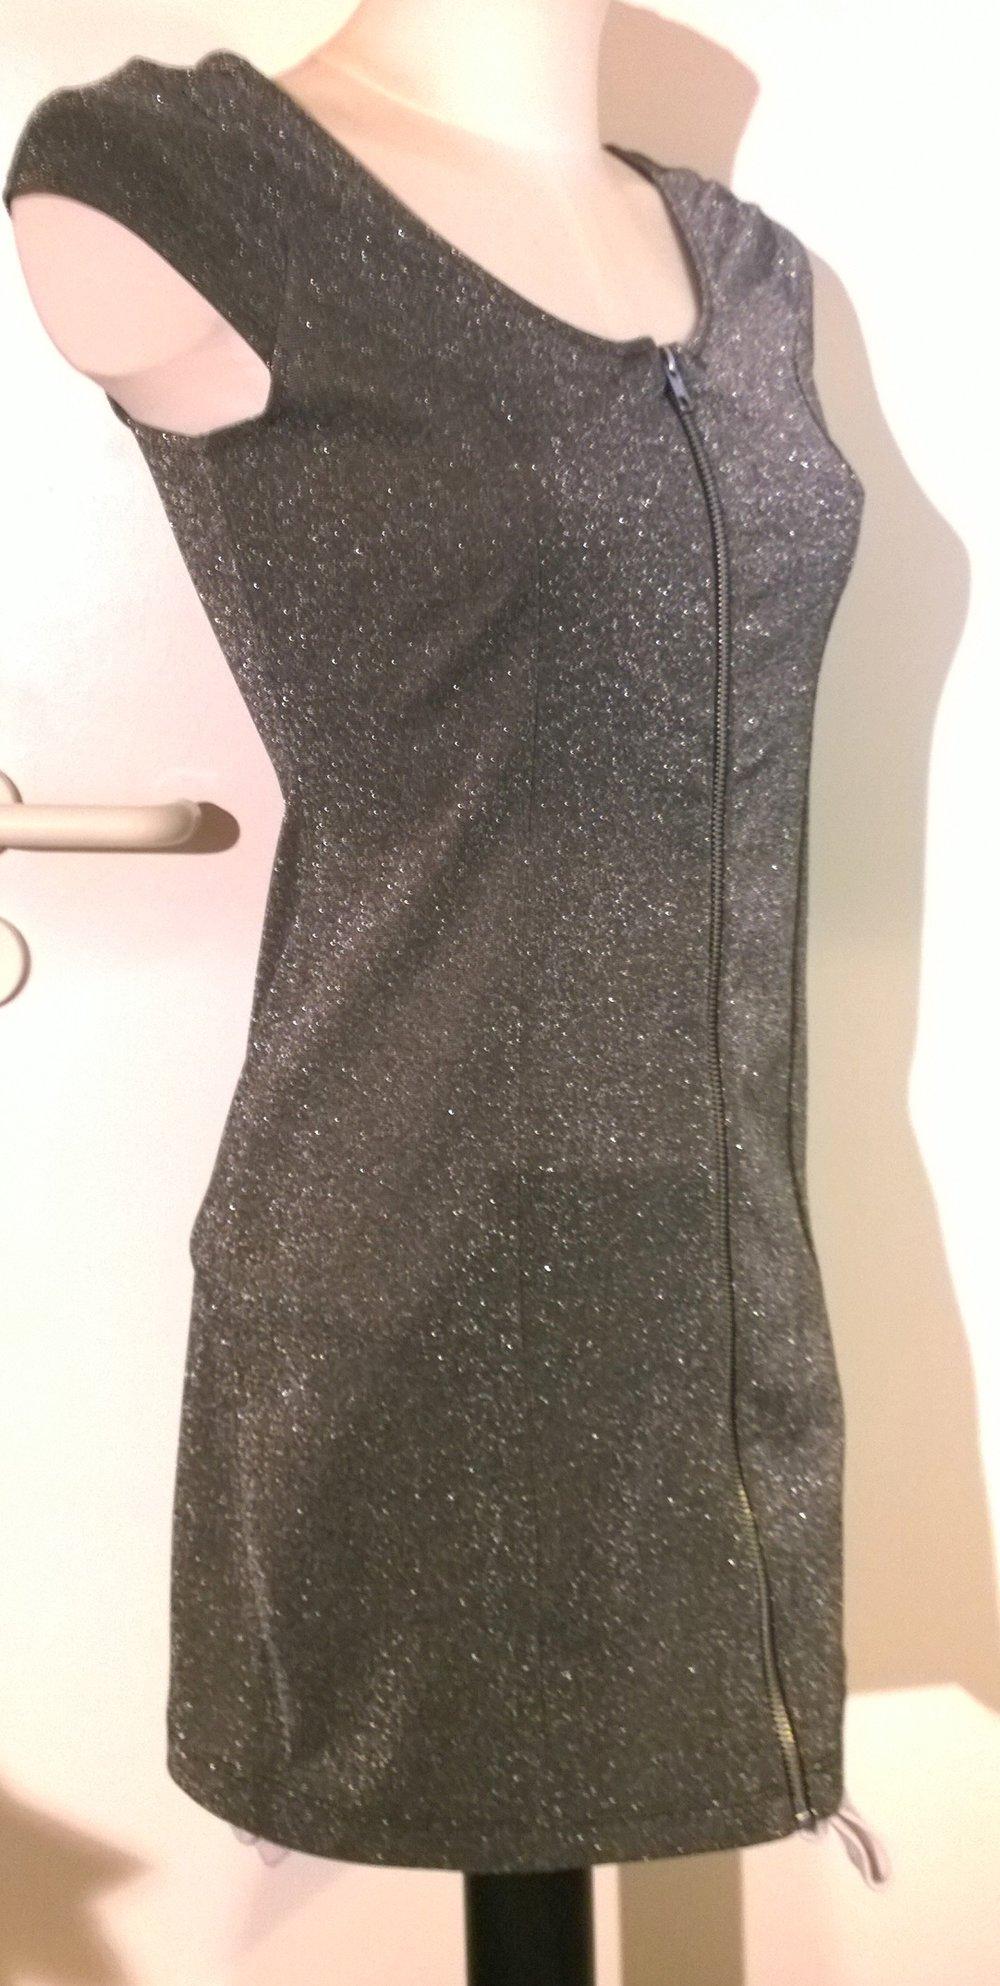 Partykleid, Glitzer, silber, sexy,H&M,Gr.38 :: Kleiderkorb.de